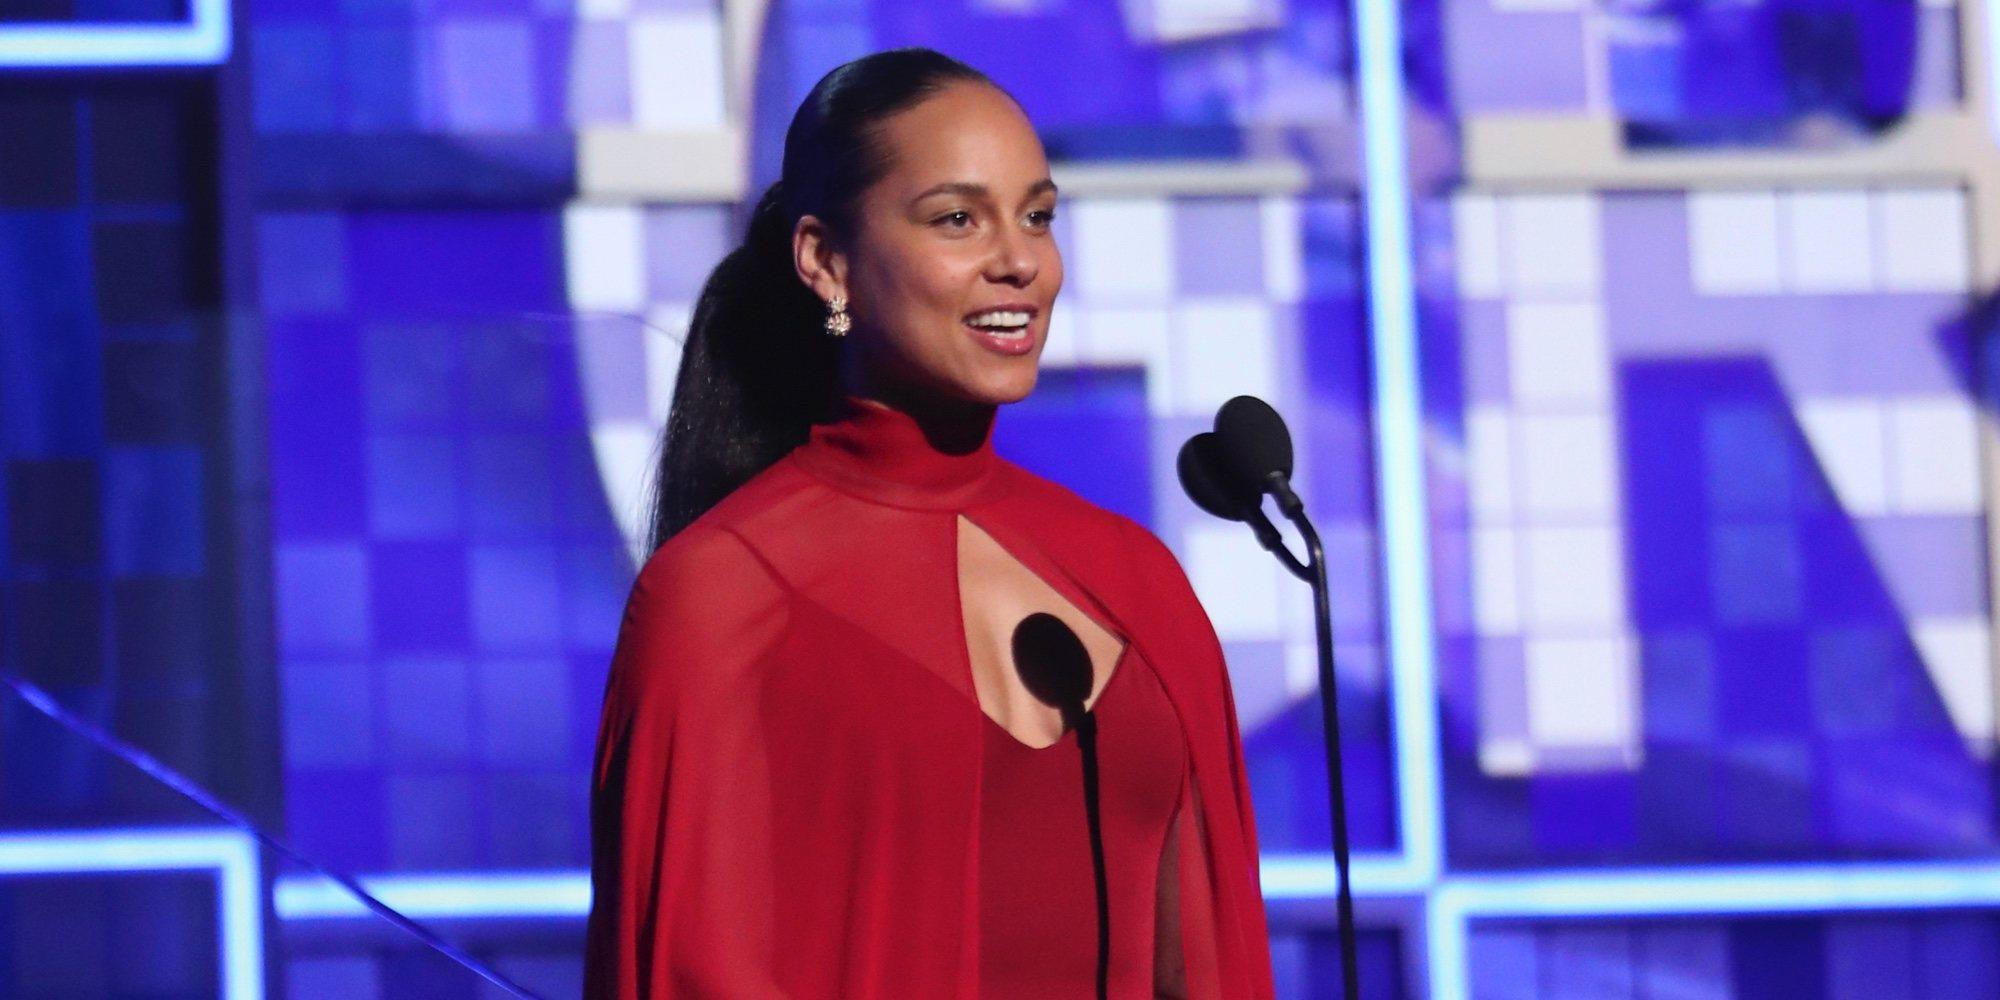 """El discurso de Alicia Keys en los Grammy 2019: """"La música es nuestro lenguaje global compartido"""""""